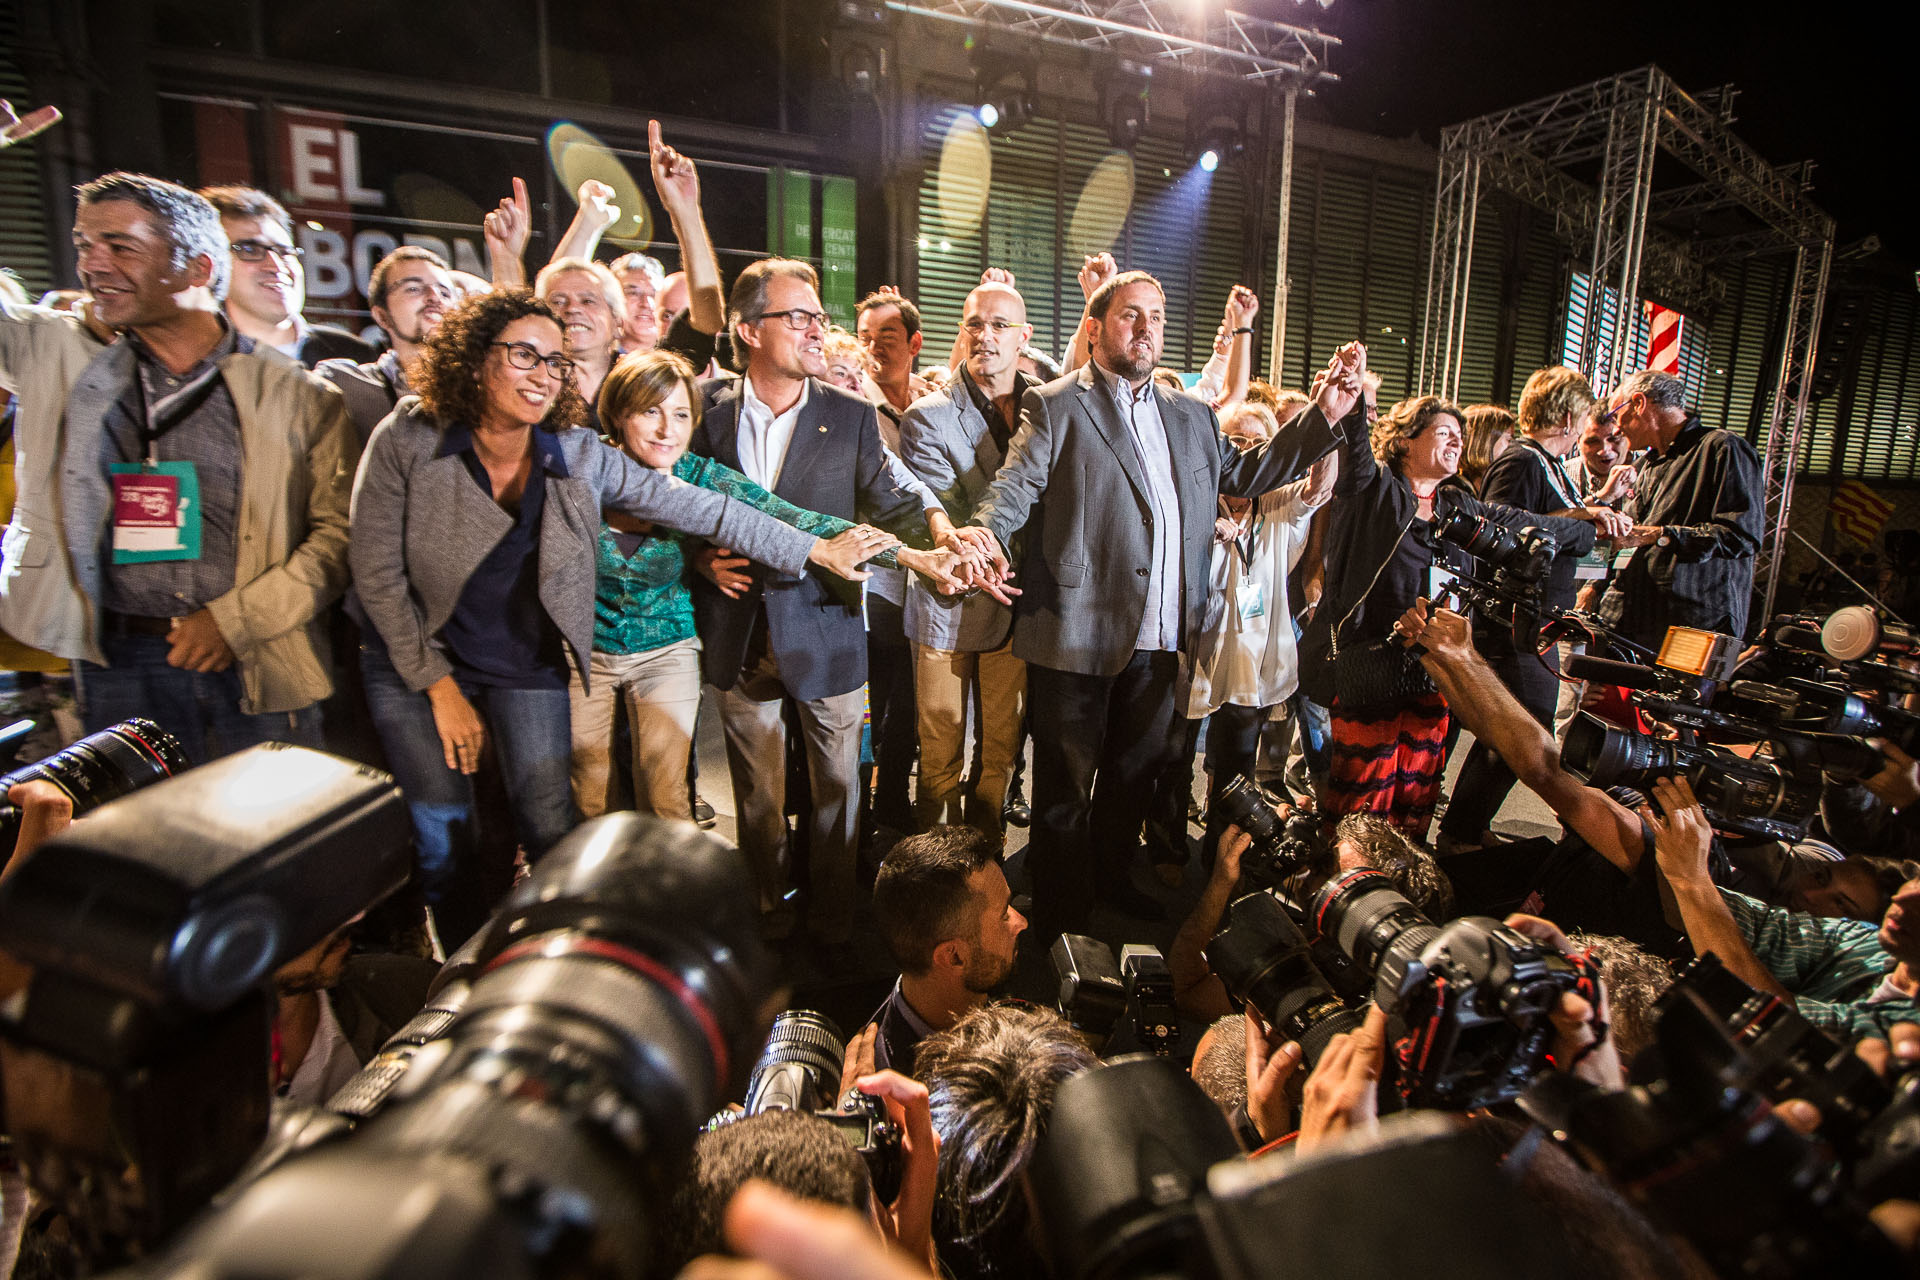 La governabilitat de l'Estat dependrà en gran mesura d'ERC i DL. Foto: Jordi Borràs